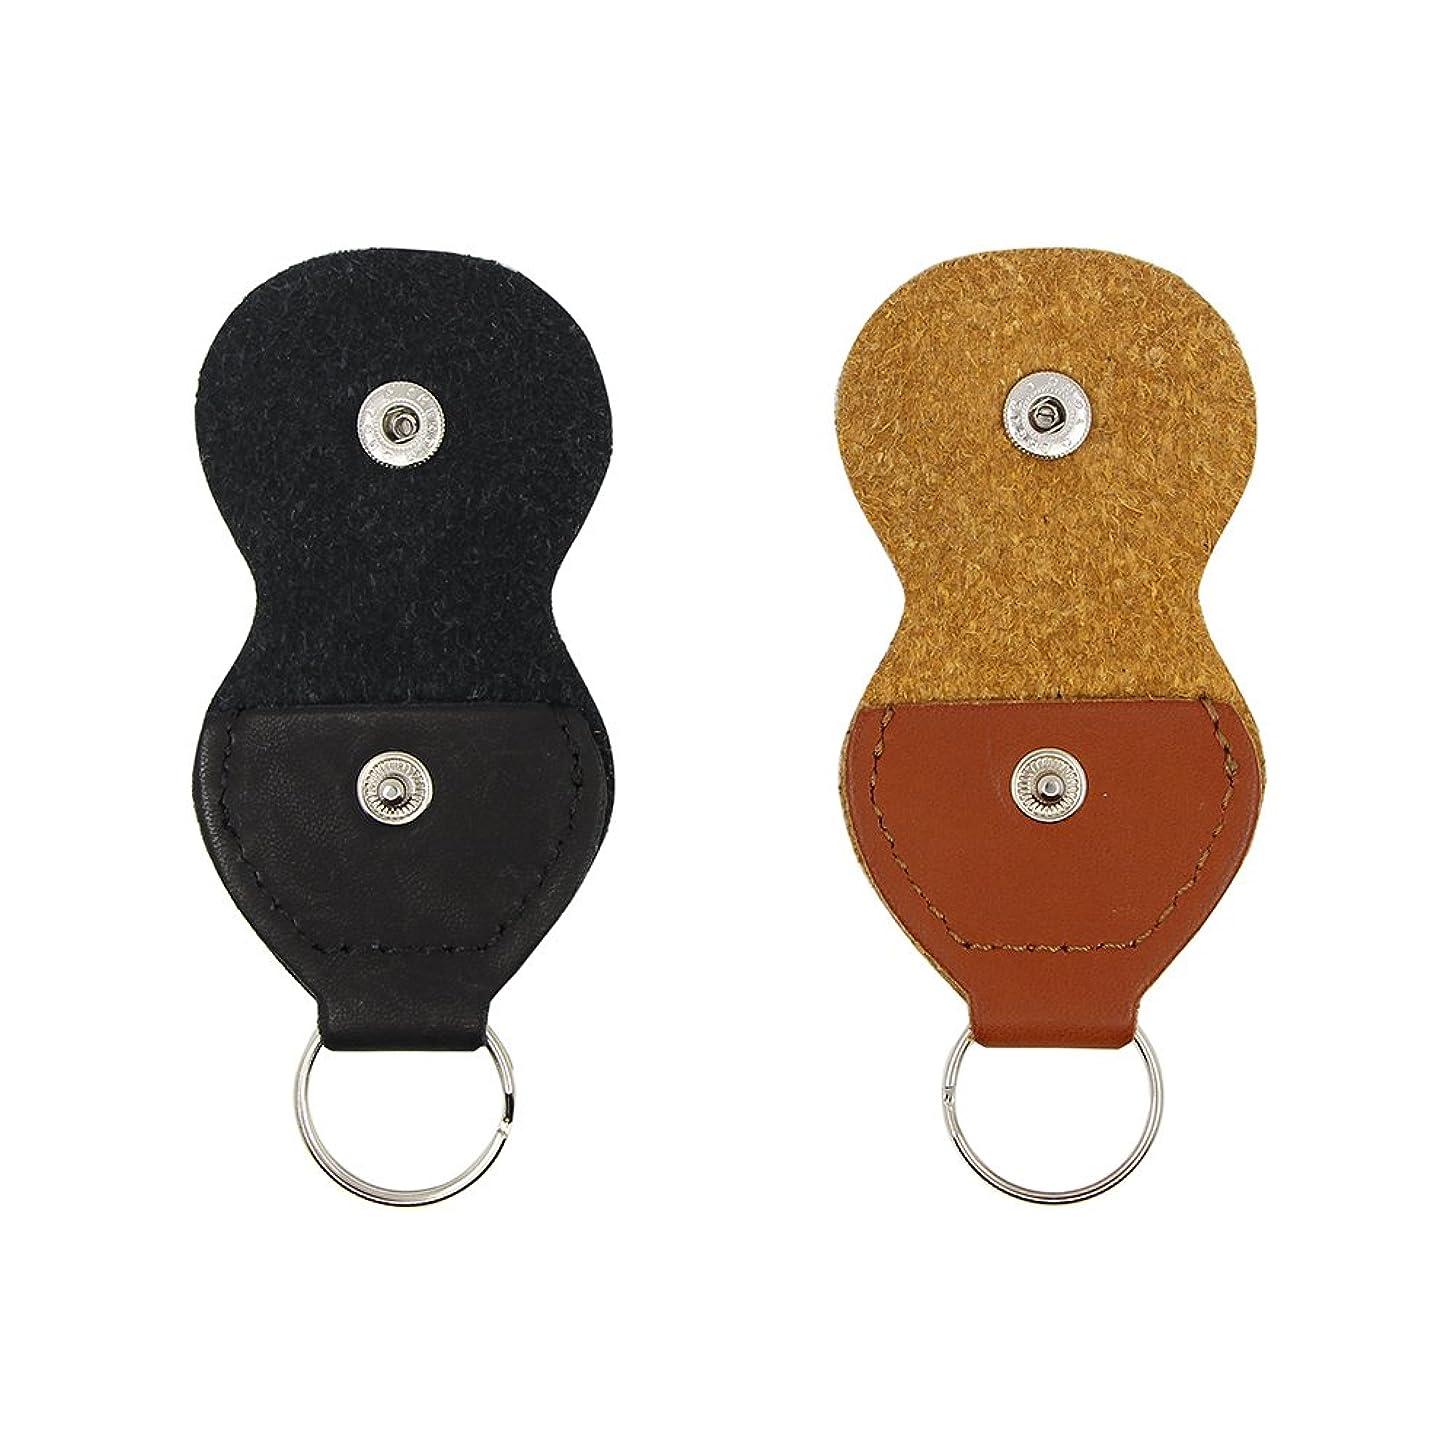 Guitar Picks Holder Case - Leather Keychain Plectrum Key Fob Cases Bag (2 Pack - black,brown)